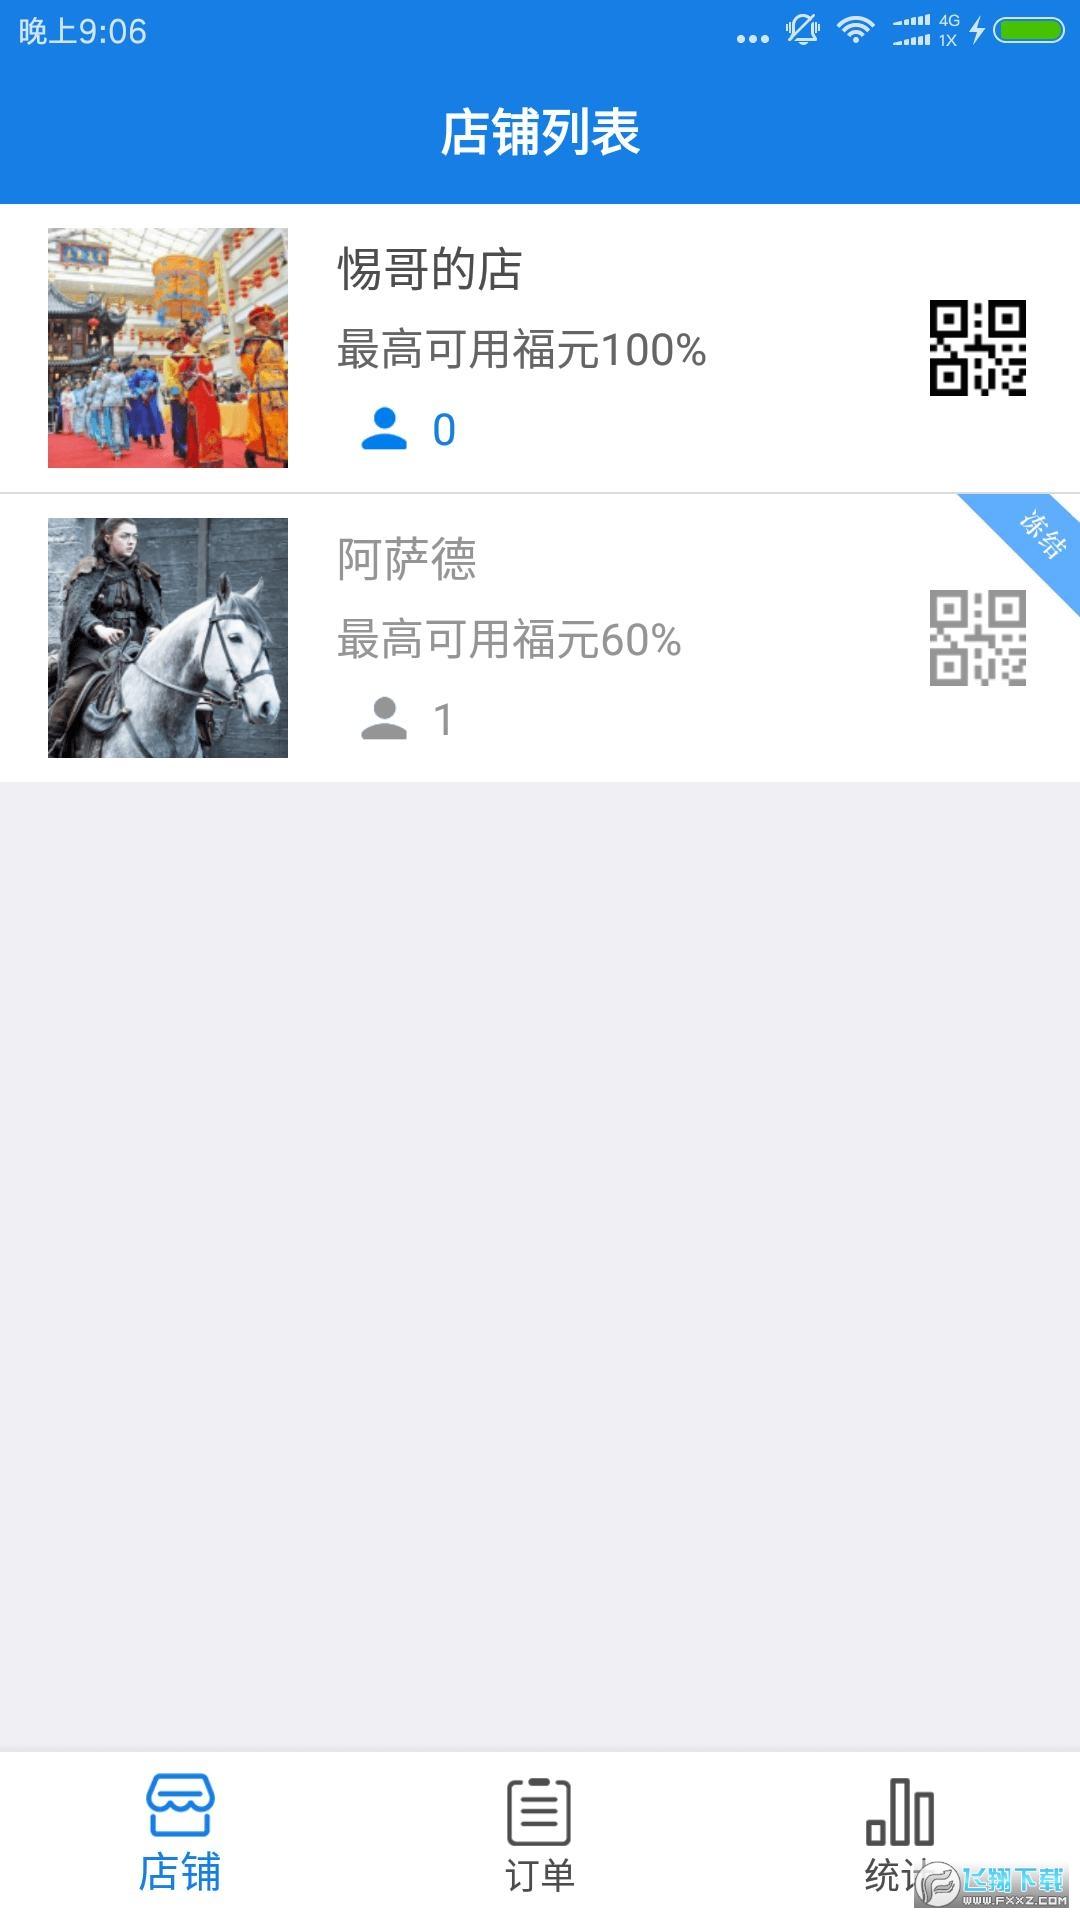 福到店app安卓版1.0.5最新版截图3